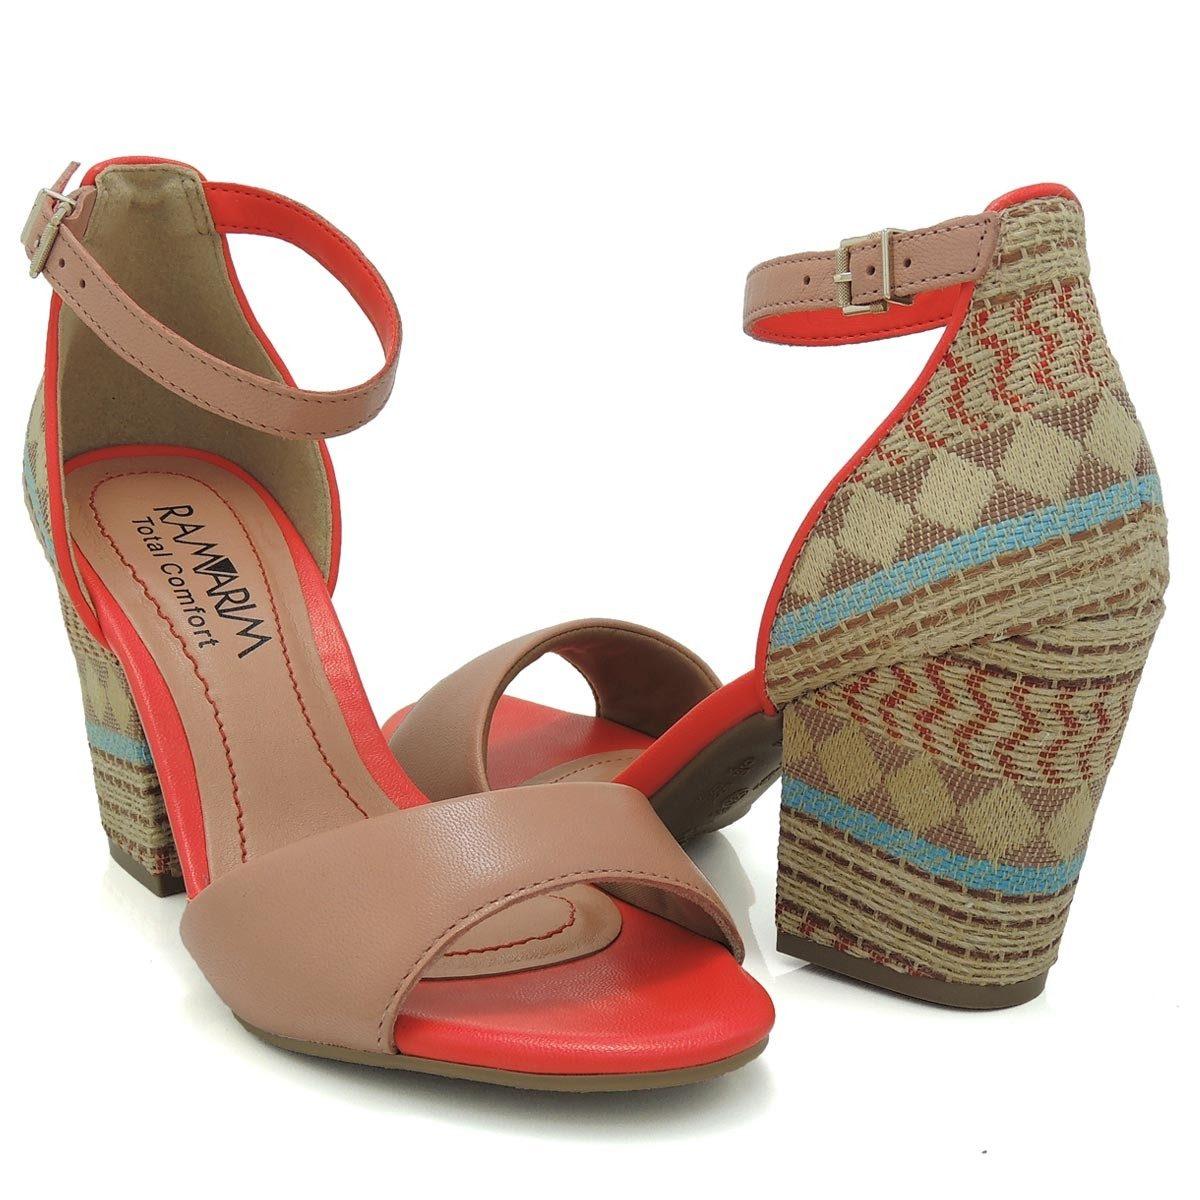 0321e936f Sandália Feminina Ramarim Total Comfort 1541205 Salto Grosso - R$ 99 ...